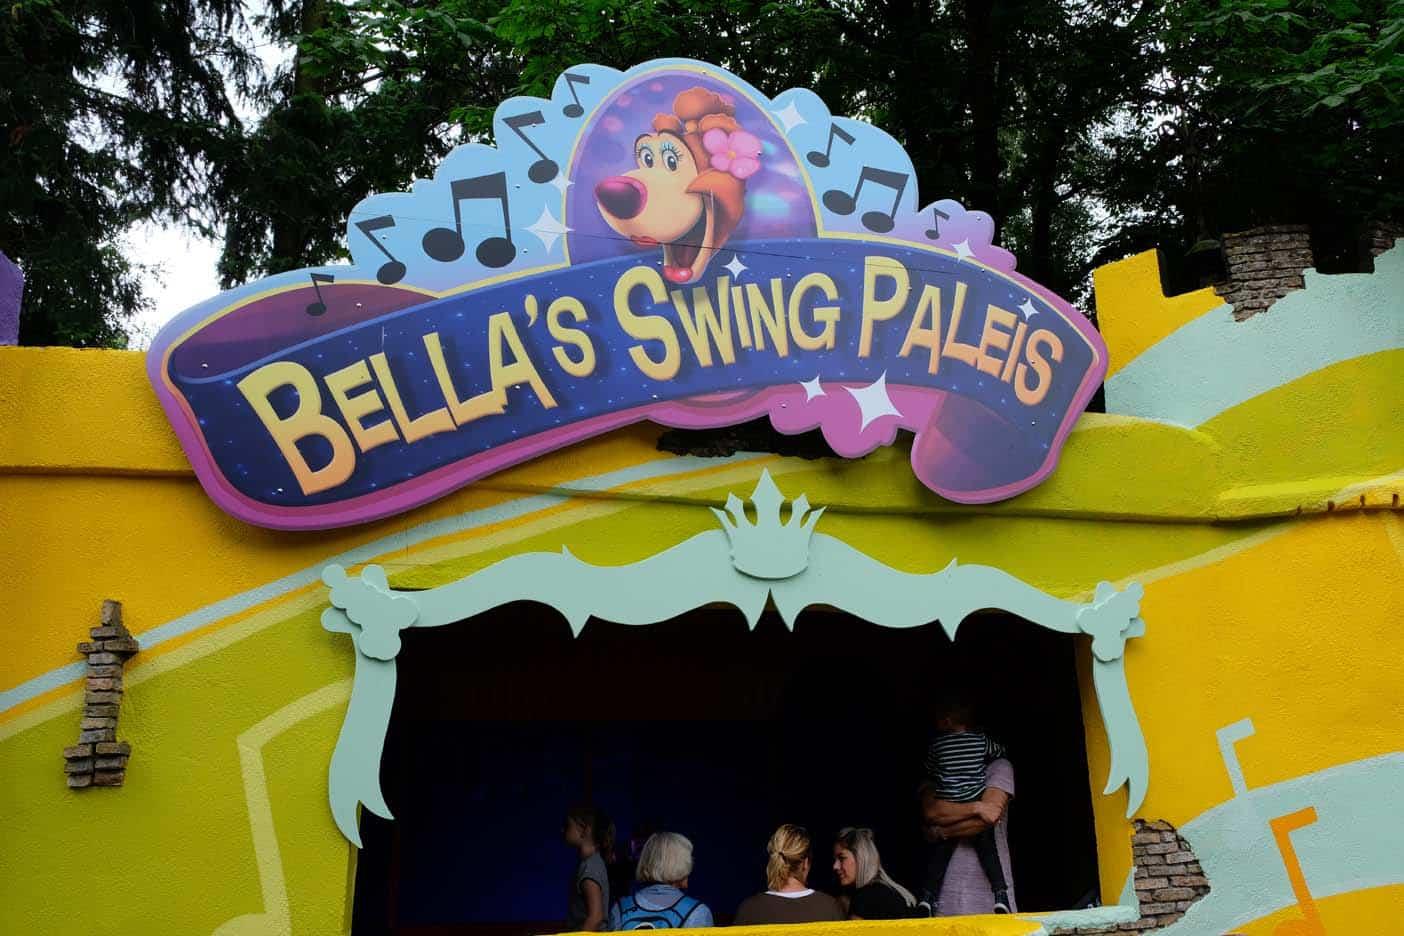 pretpark Hellendoorn bella's swingparadijs